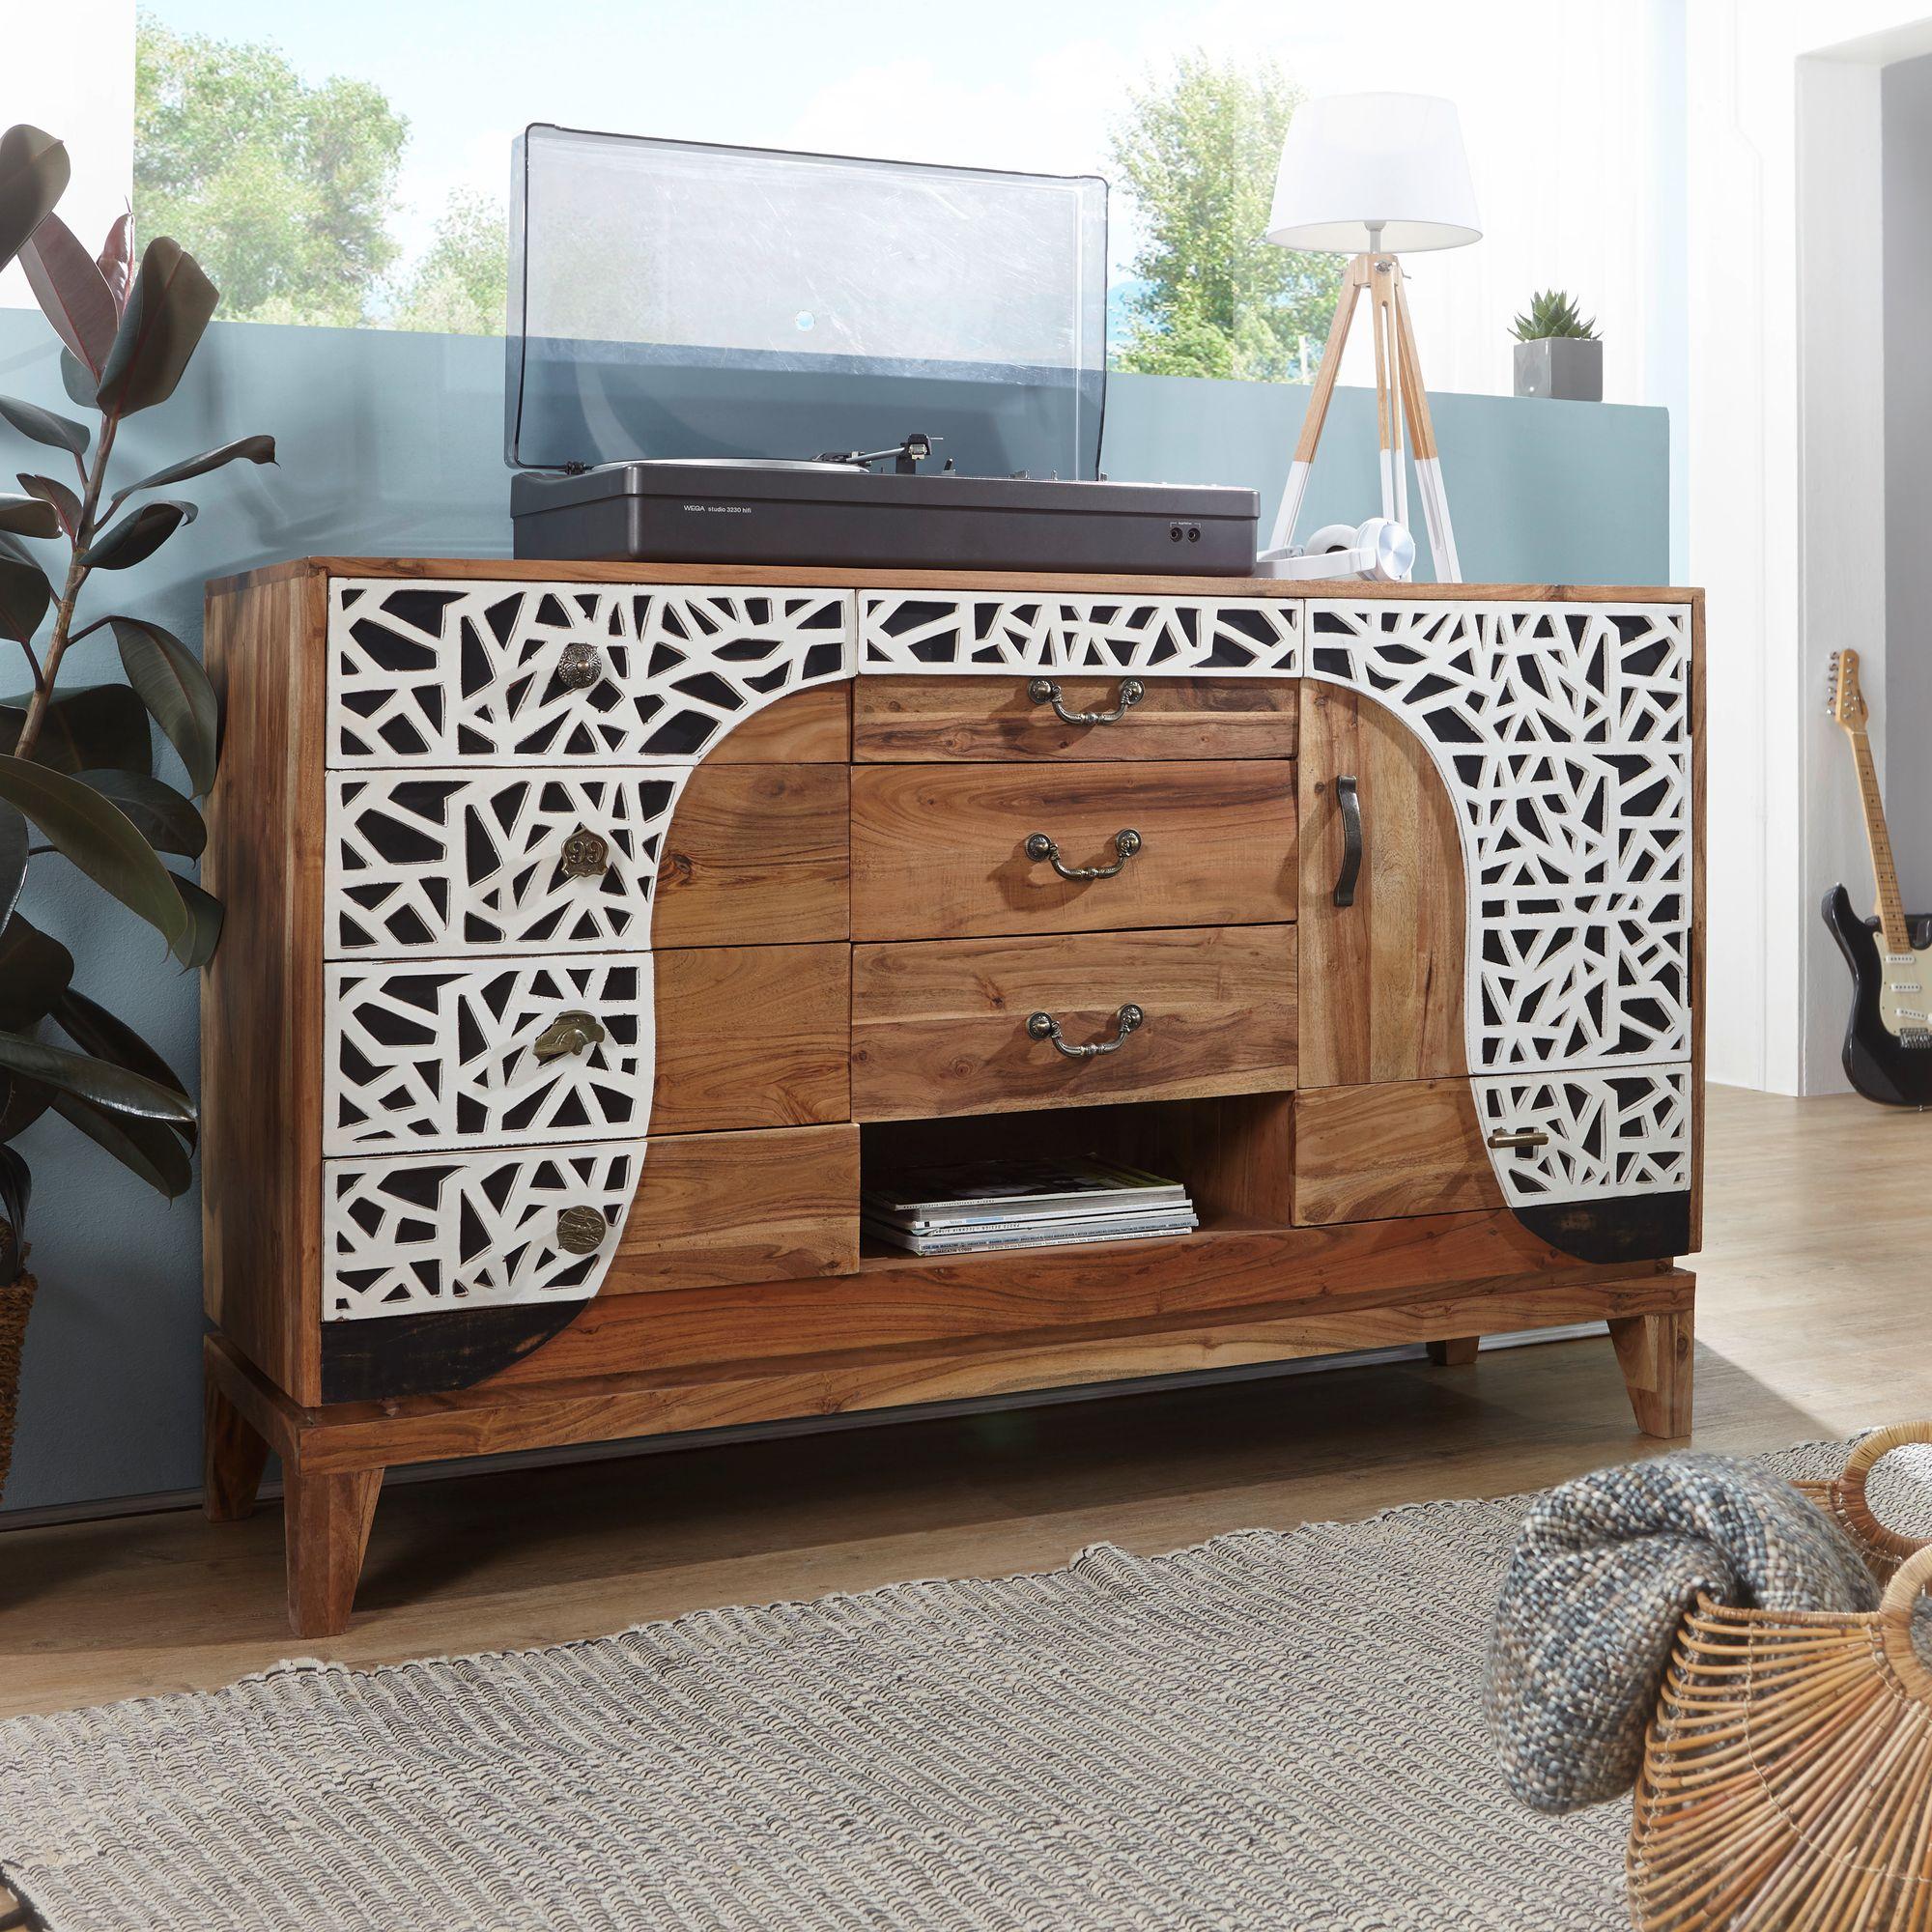 Schlafzimmer Holz Massiv Modern. Schlafzimmer Ideen Bilder